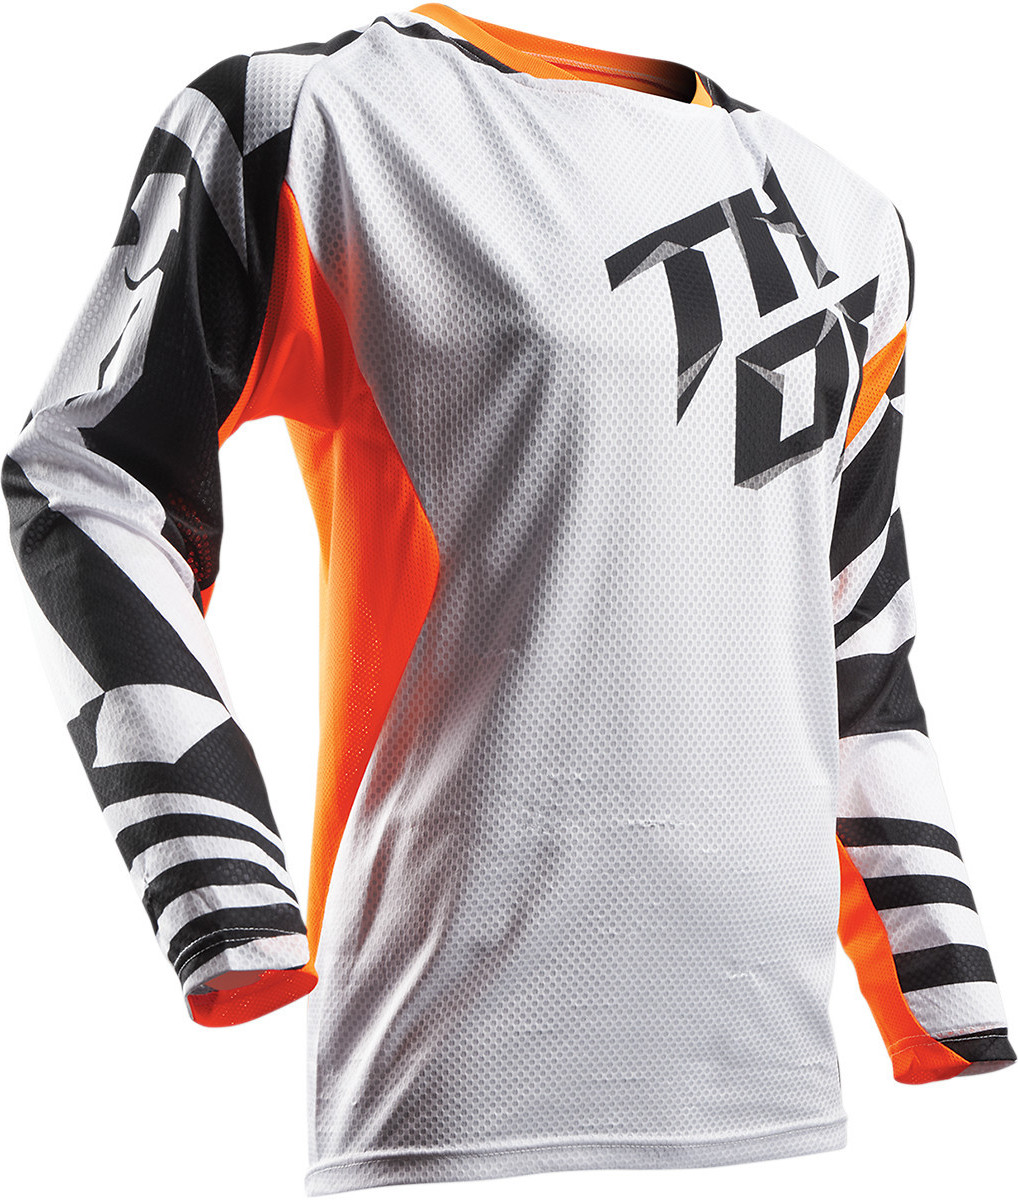 Thor Fuse Jersey Thor Fuse White, Black, and Orange